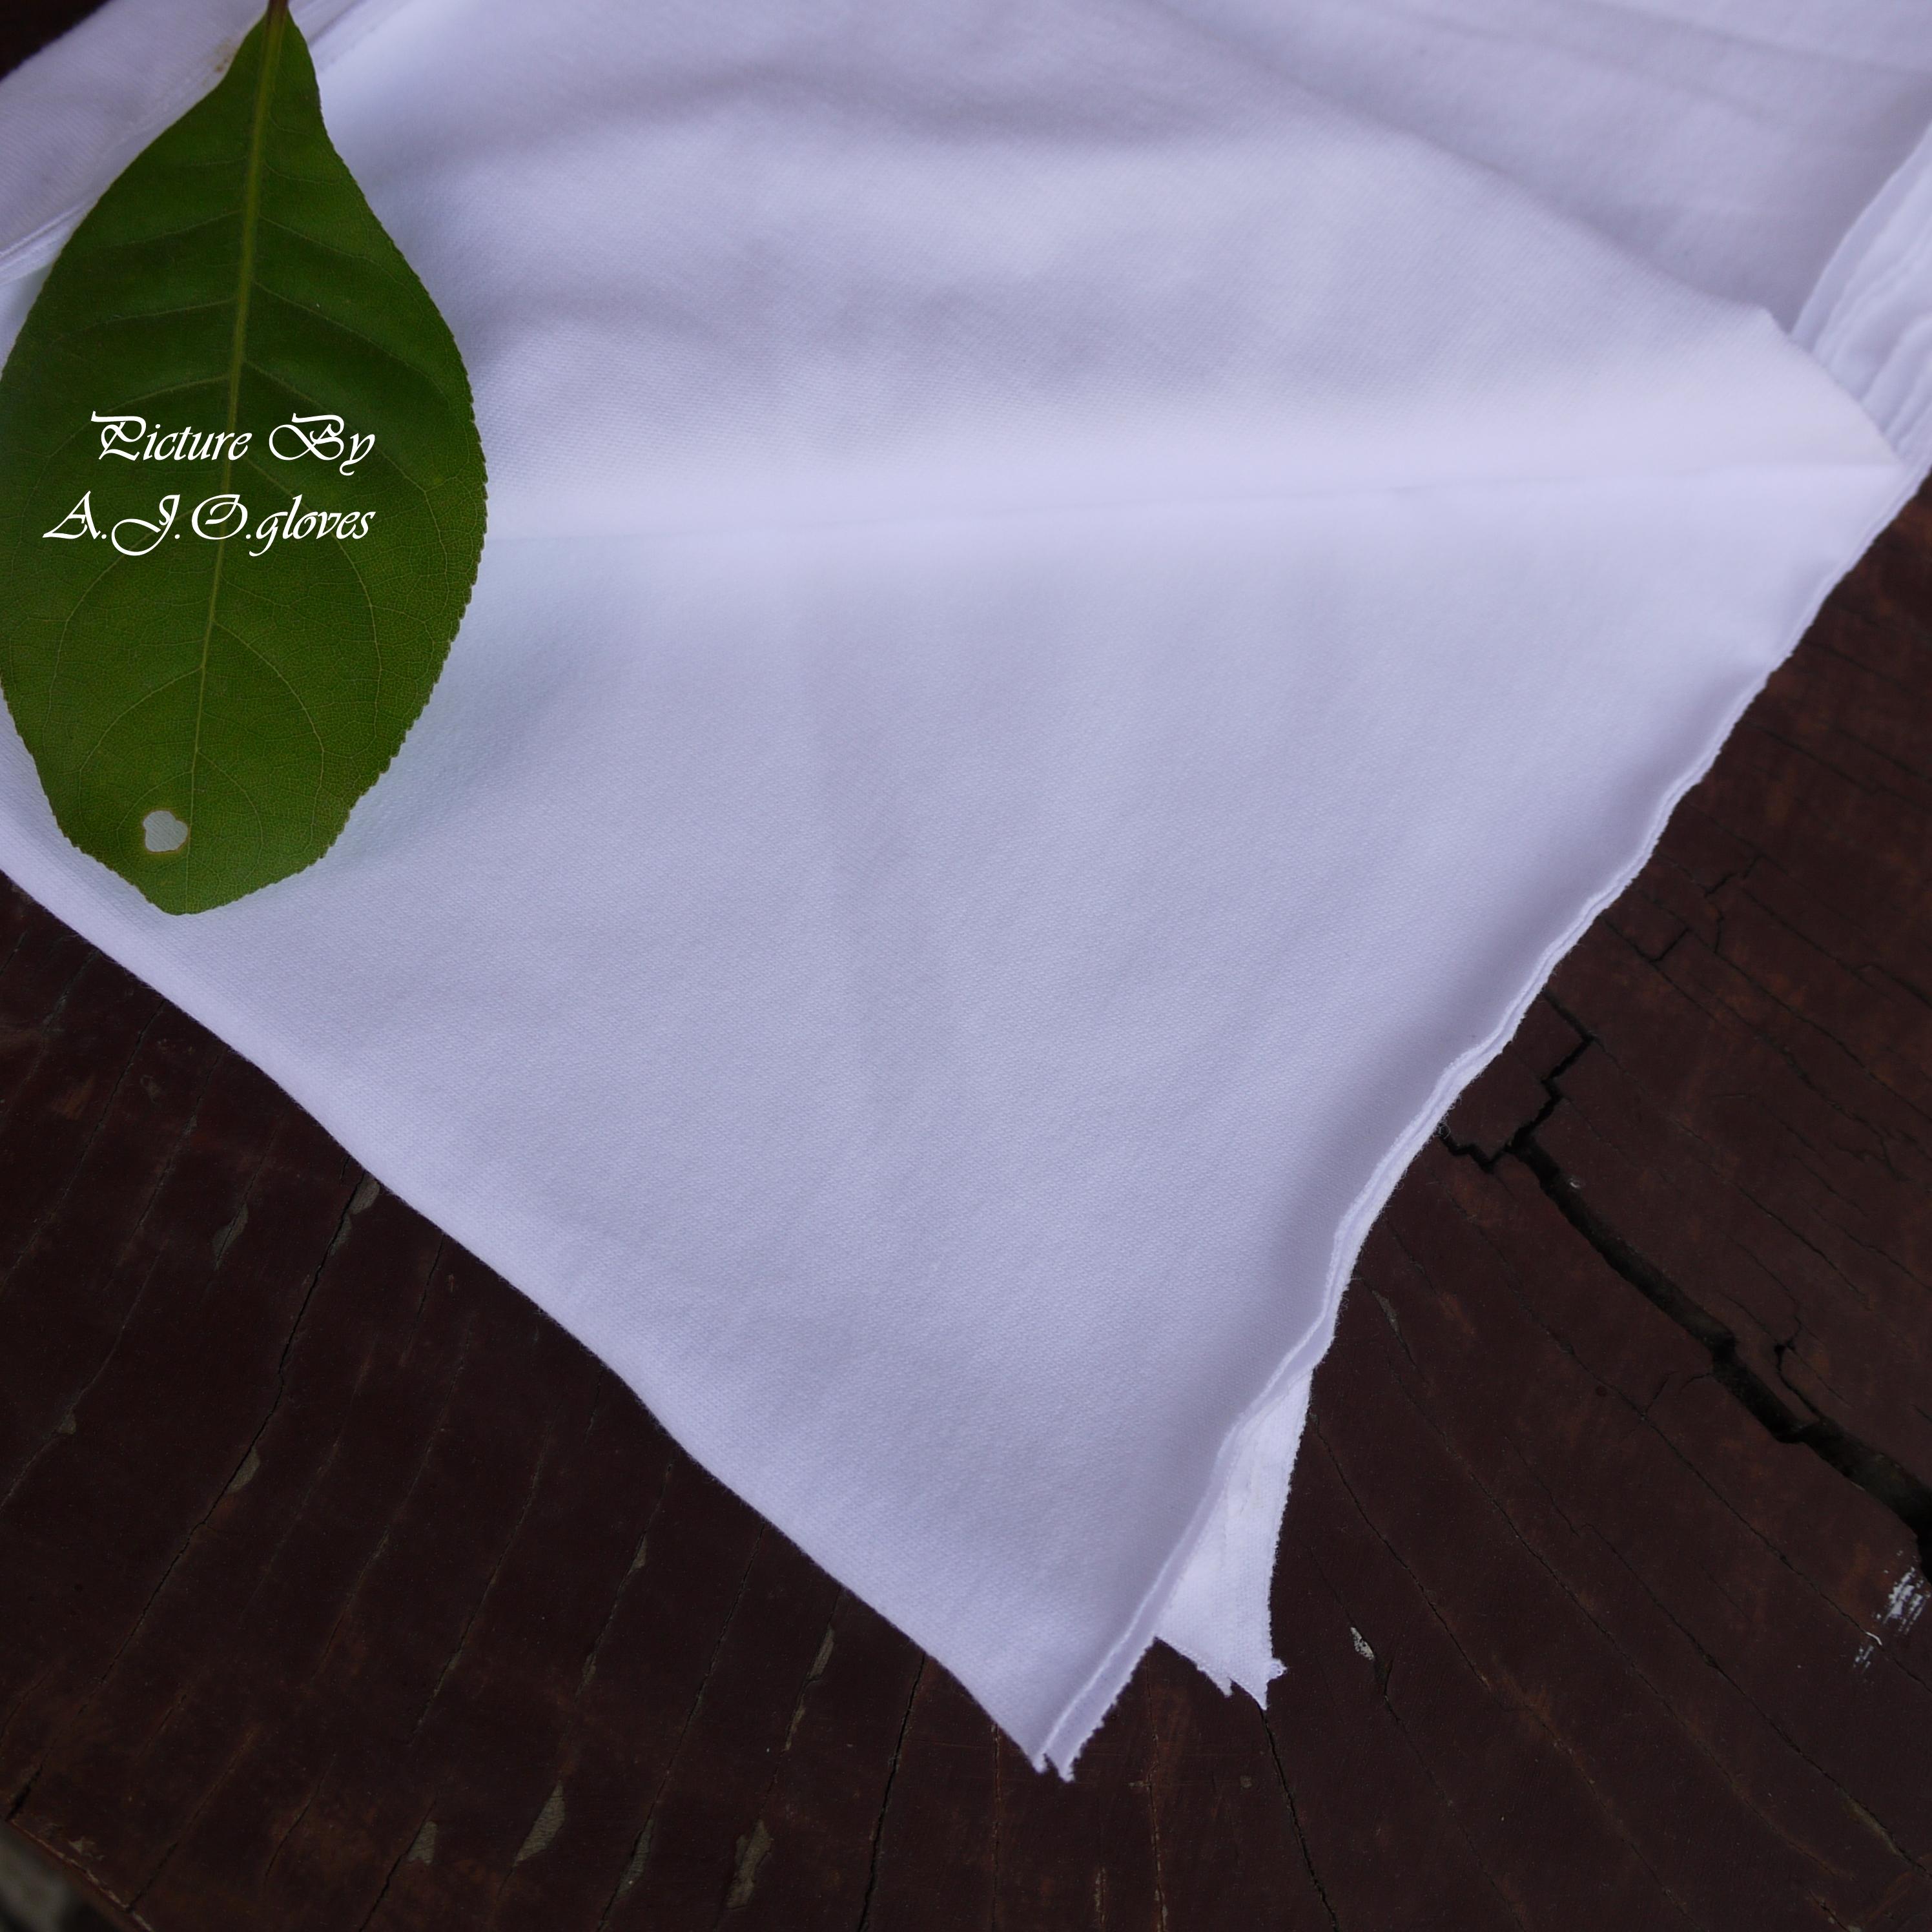 เศษผ้าขาว ขนาดA4-A3 เนื้อเรียบ